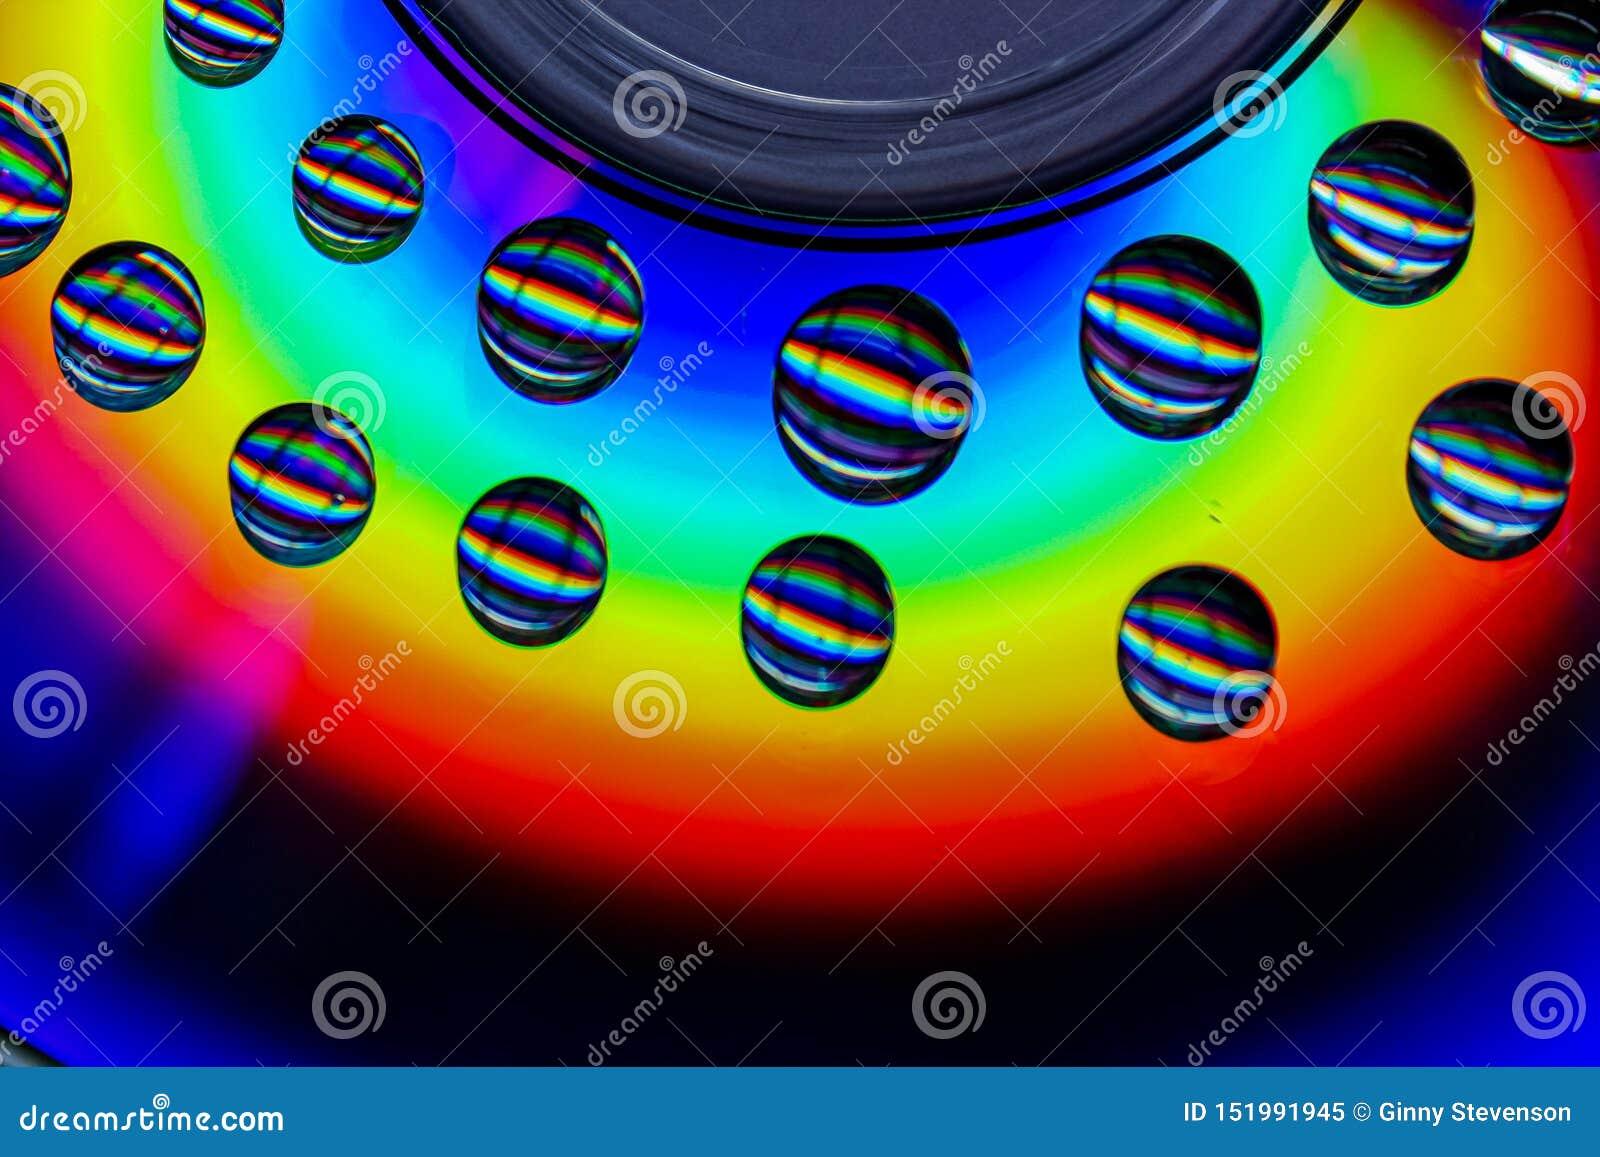 一些彩虹水滴